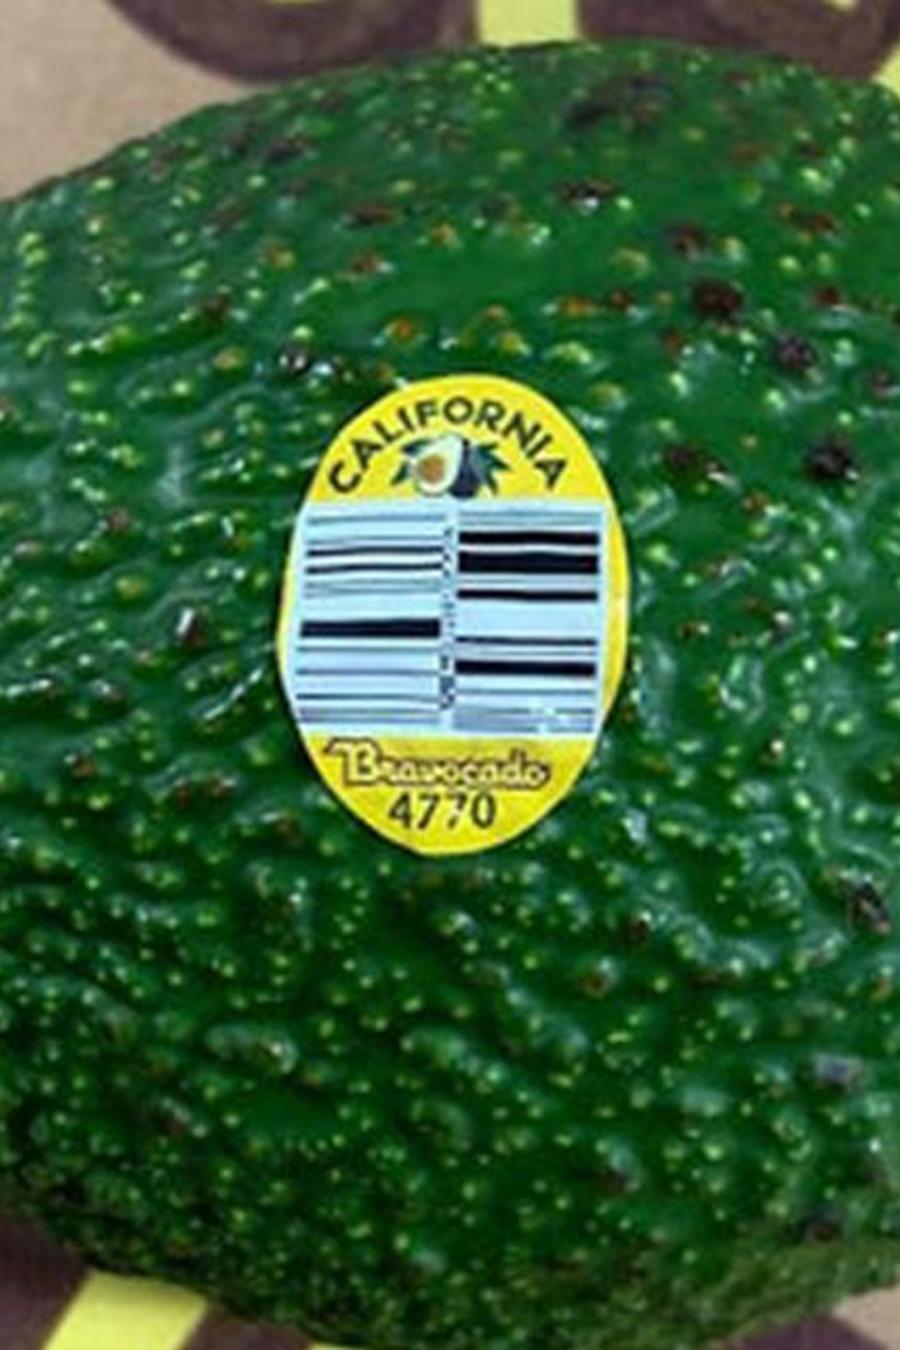 Los aguacates de la compañía Henry Avocado que se han retirados del mercado.